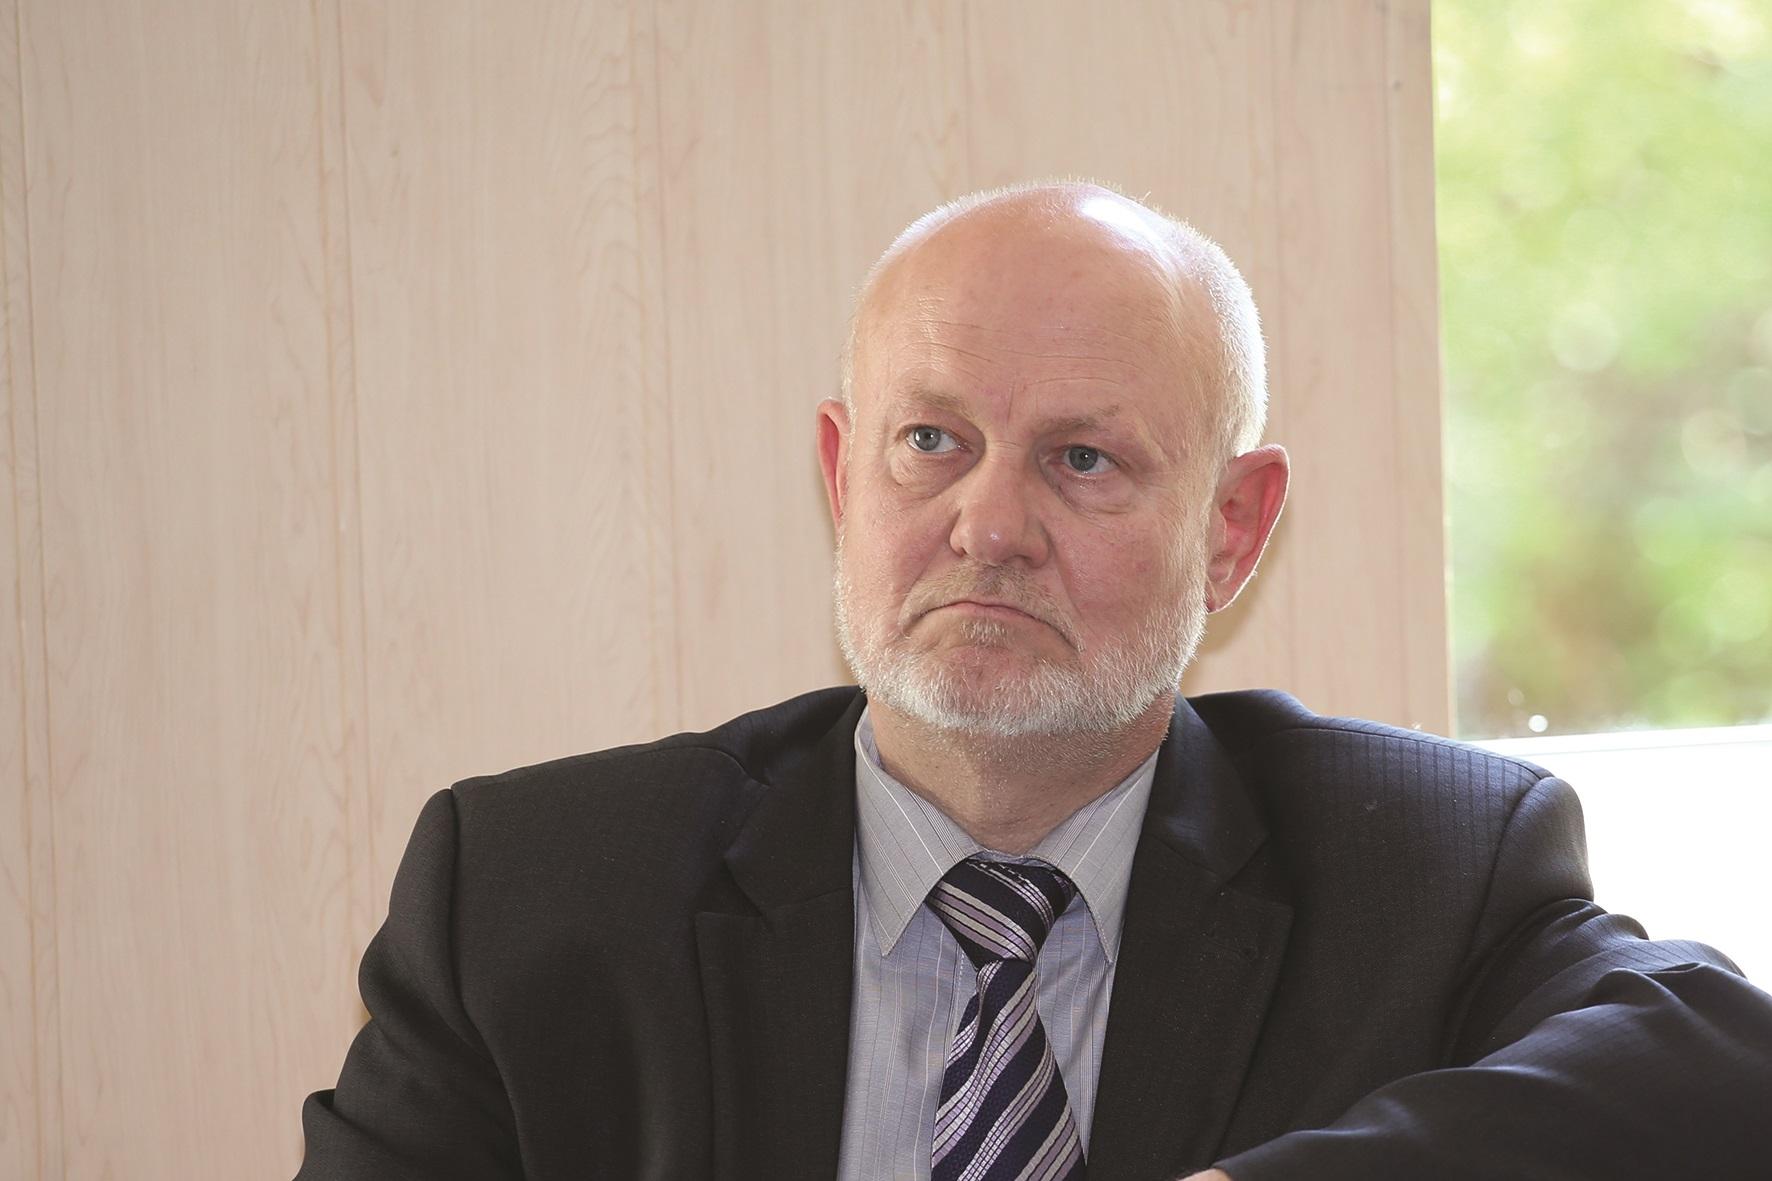 """VšĮ Kėdainių ligoninės direktorius Stasys Skauminas sako, kad atskirti srautus tikrai būtina. / """"Rinkos aikštės"""" archyvo nuotr."""